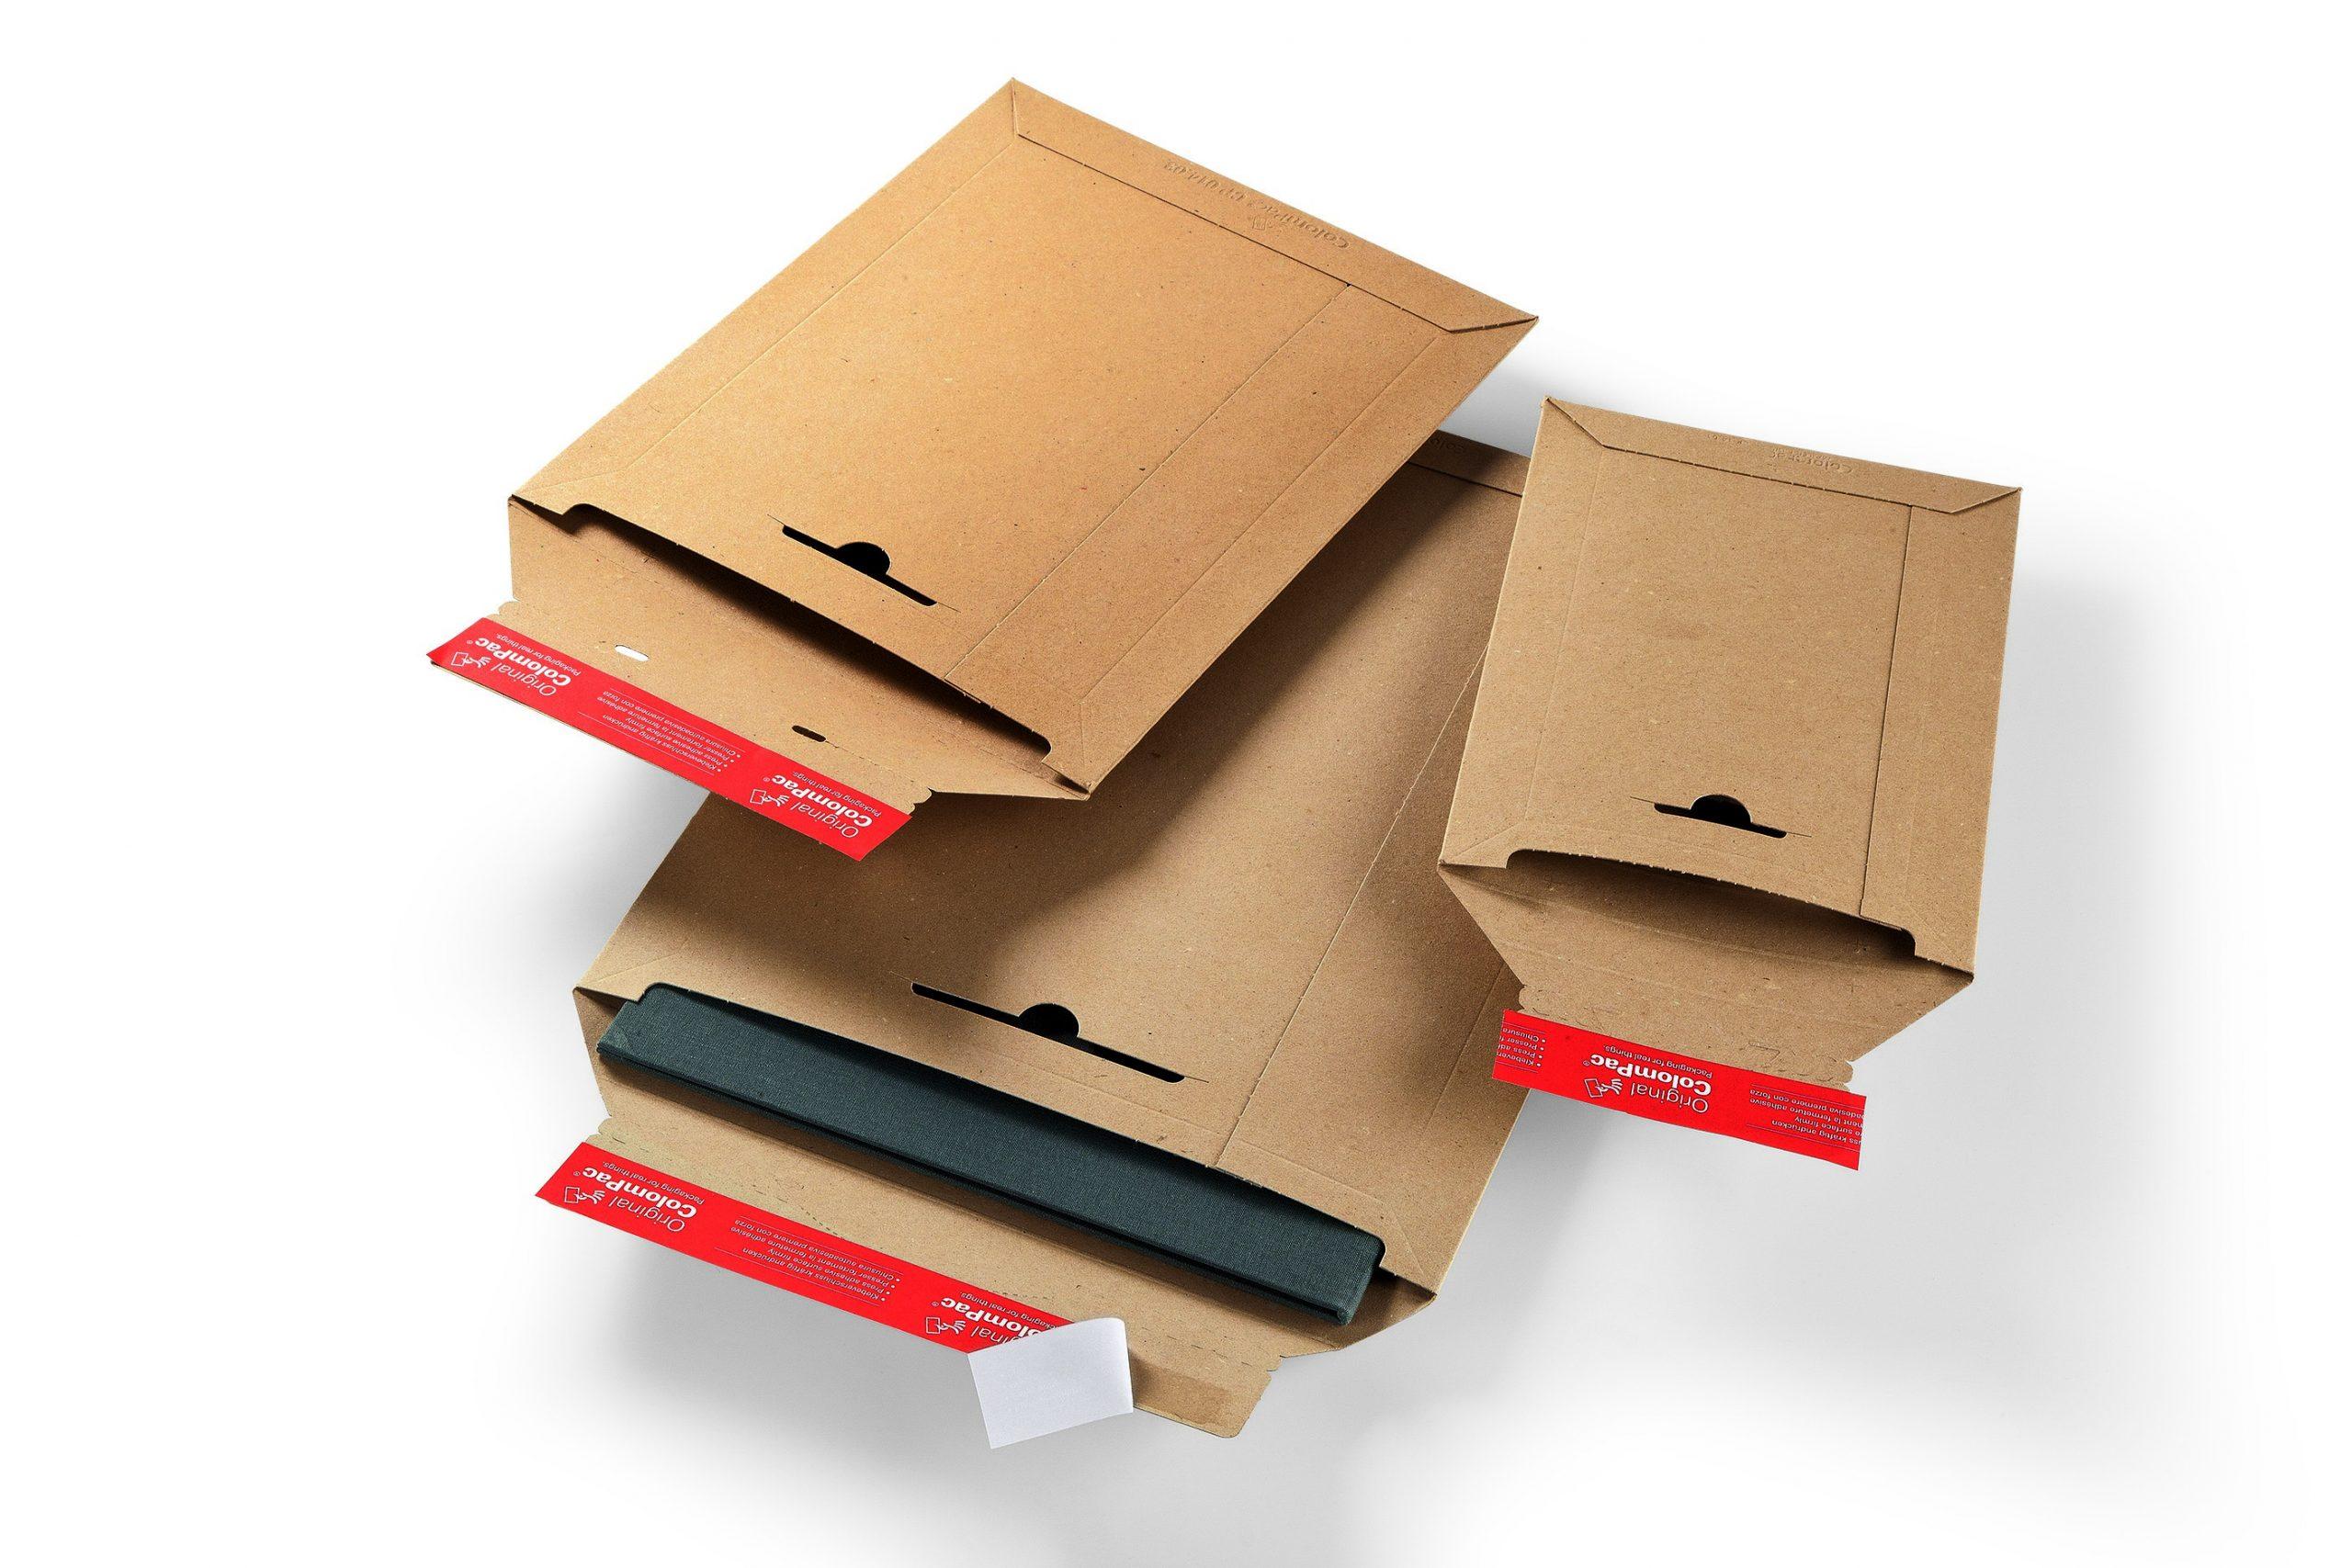 ColomPAC CP 14.04 massief kartonnen envelop